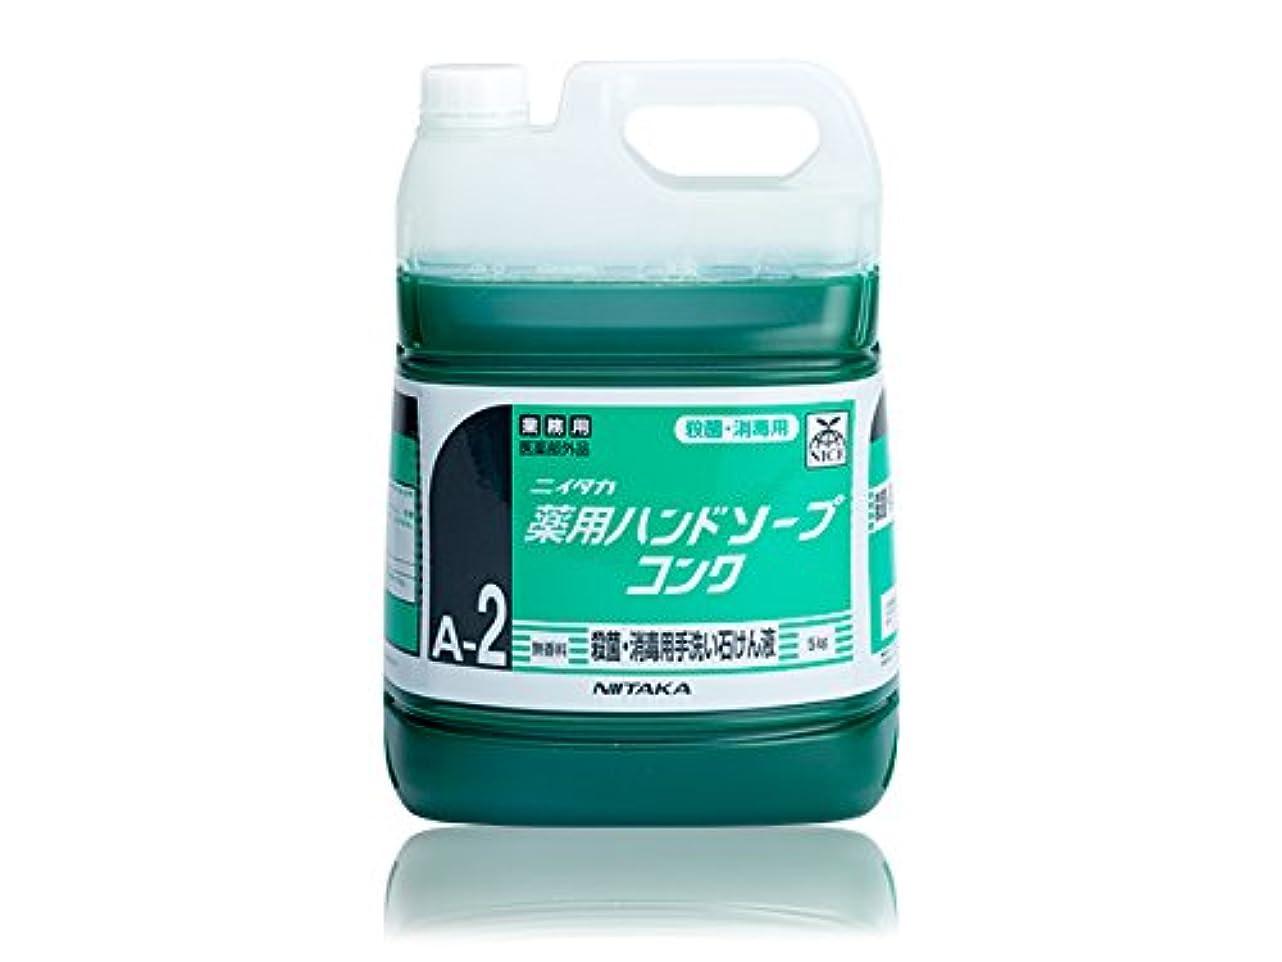 留まる無心薬局無香料 殺菌?消毒用手洗い石けん液 ニイタカ 薬用ハンドソープコンク 5KX3本